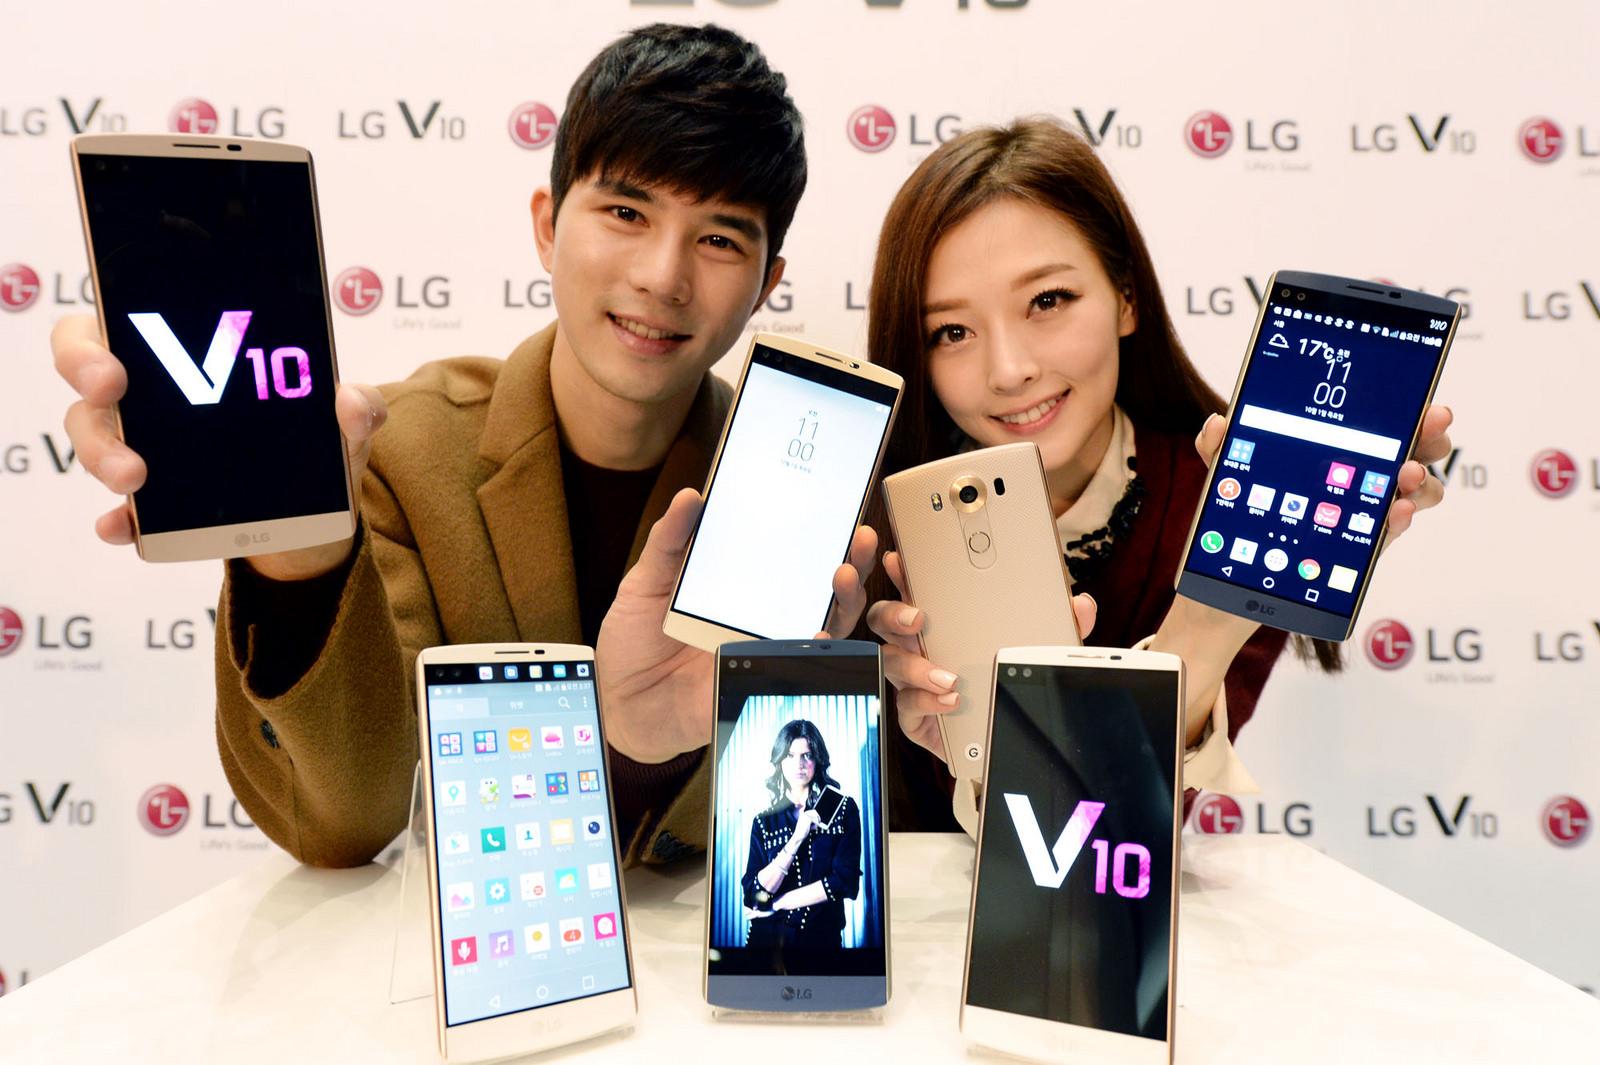 استقبال کم نظیر کاربران آمریکایی از گوشی هوشمند ال جی  V10